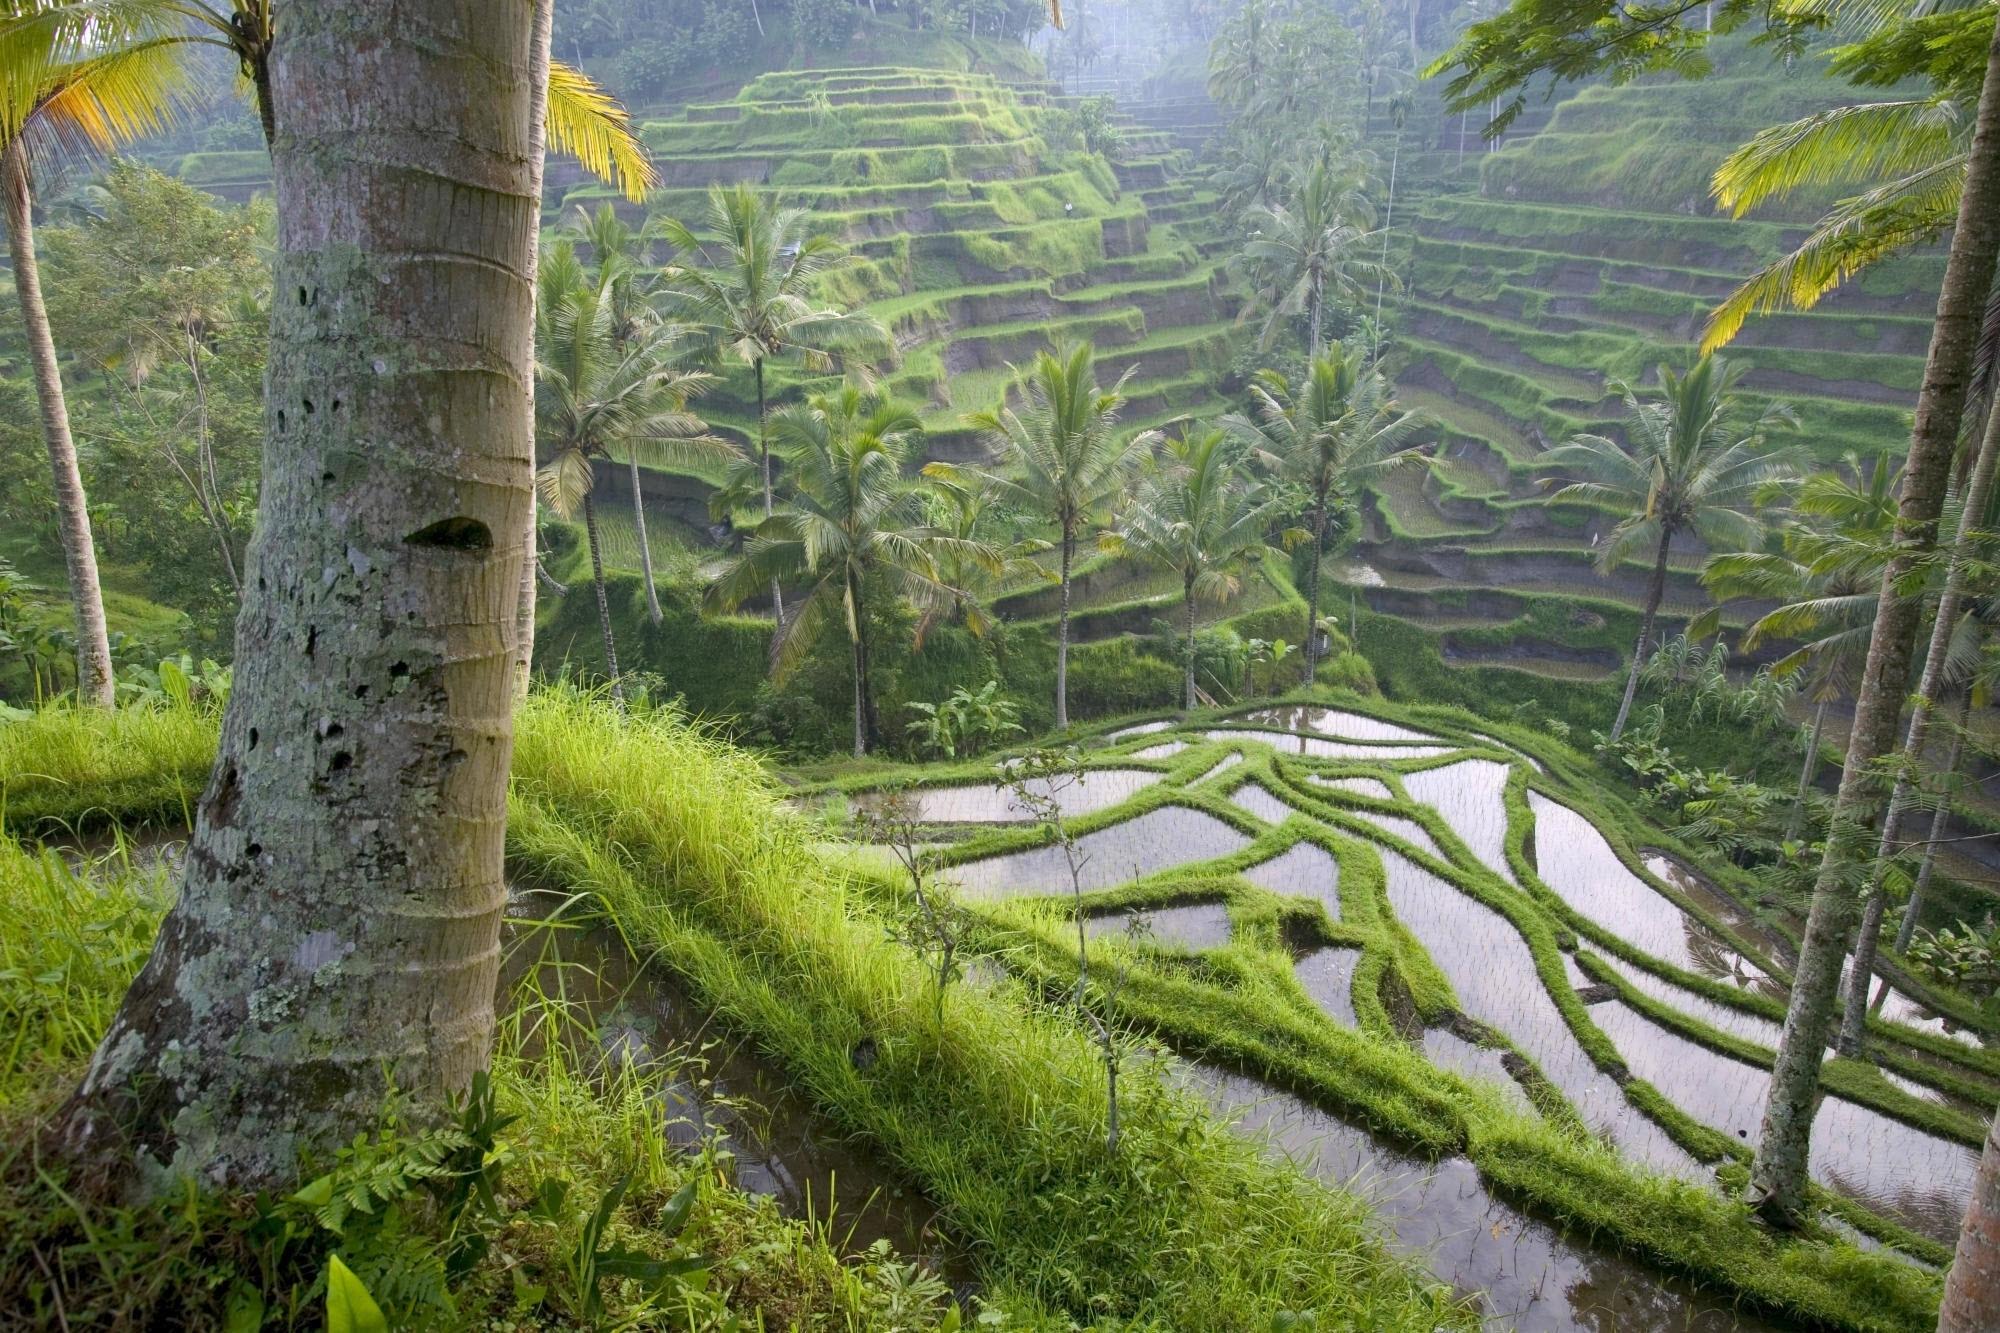 131747 Заставки и Обои Азия на телефон. Скачать Азия, Природа, Пальмы, Хозяйство, Рисовые Поля картинки бесплатно